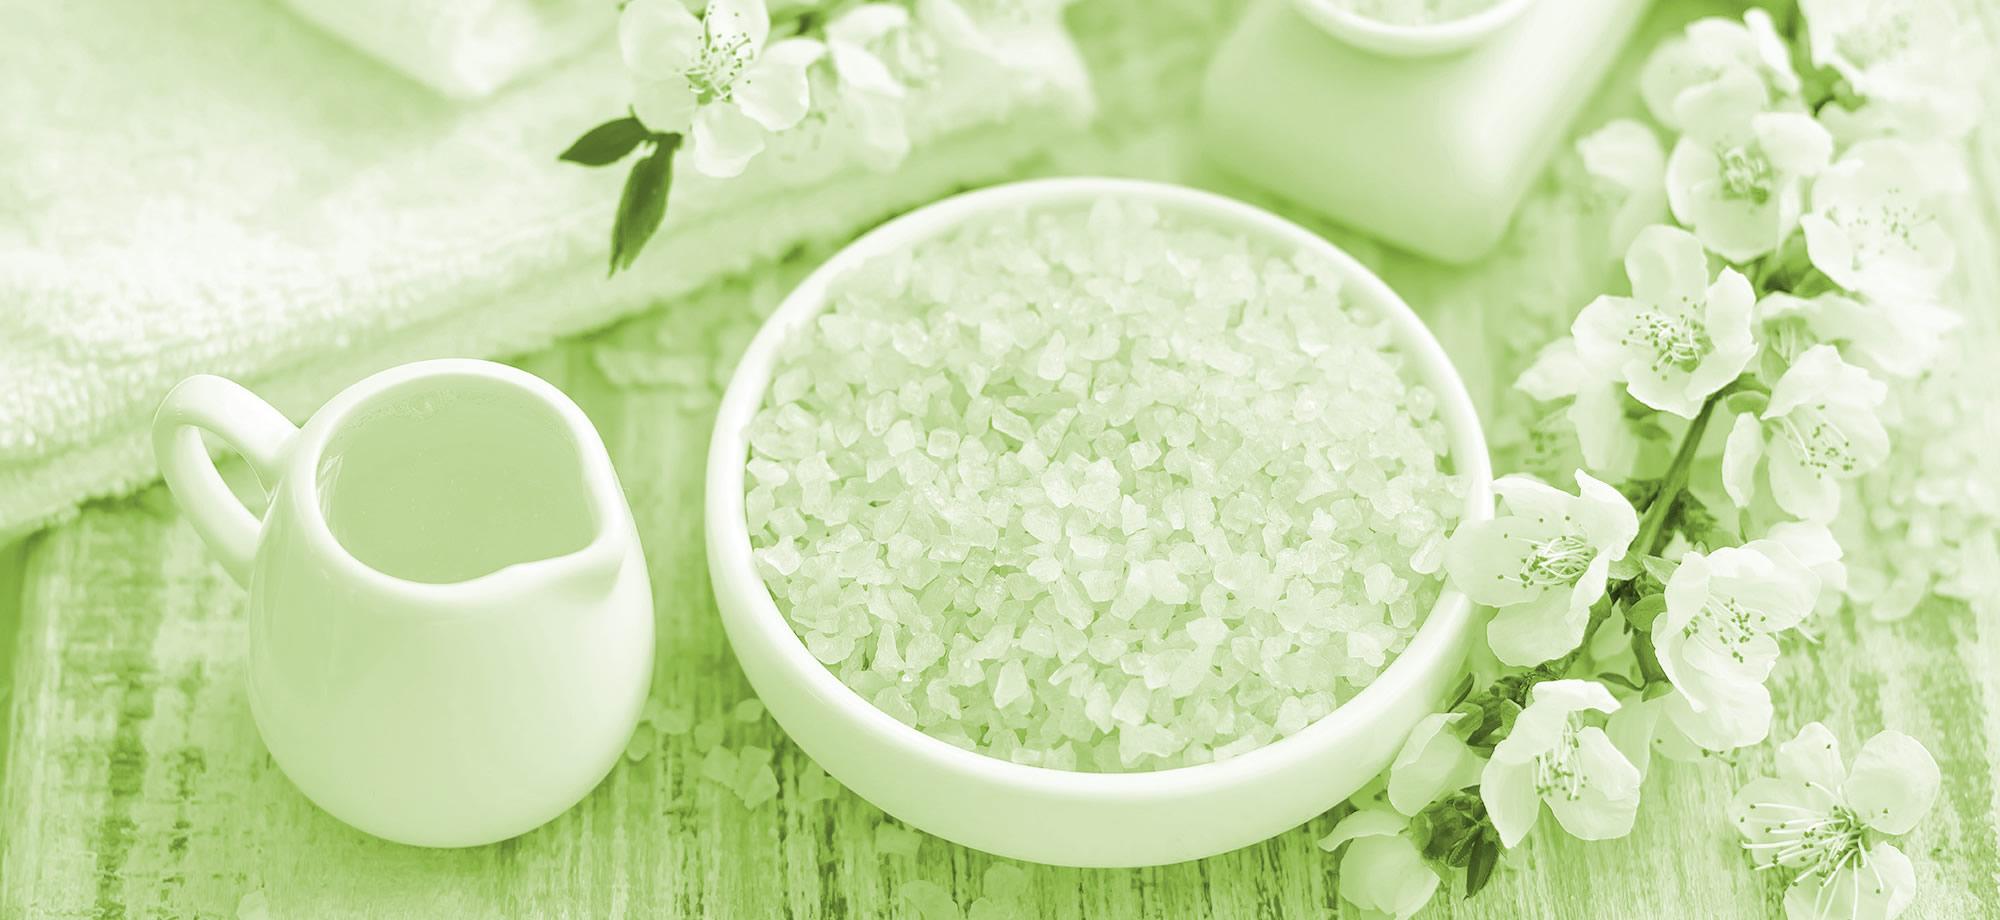 kezelje a visszértágulatot sóval